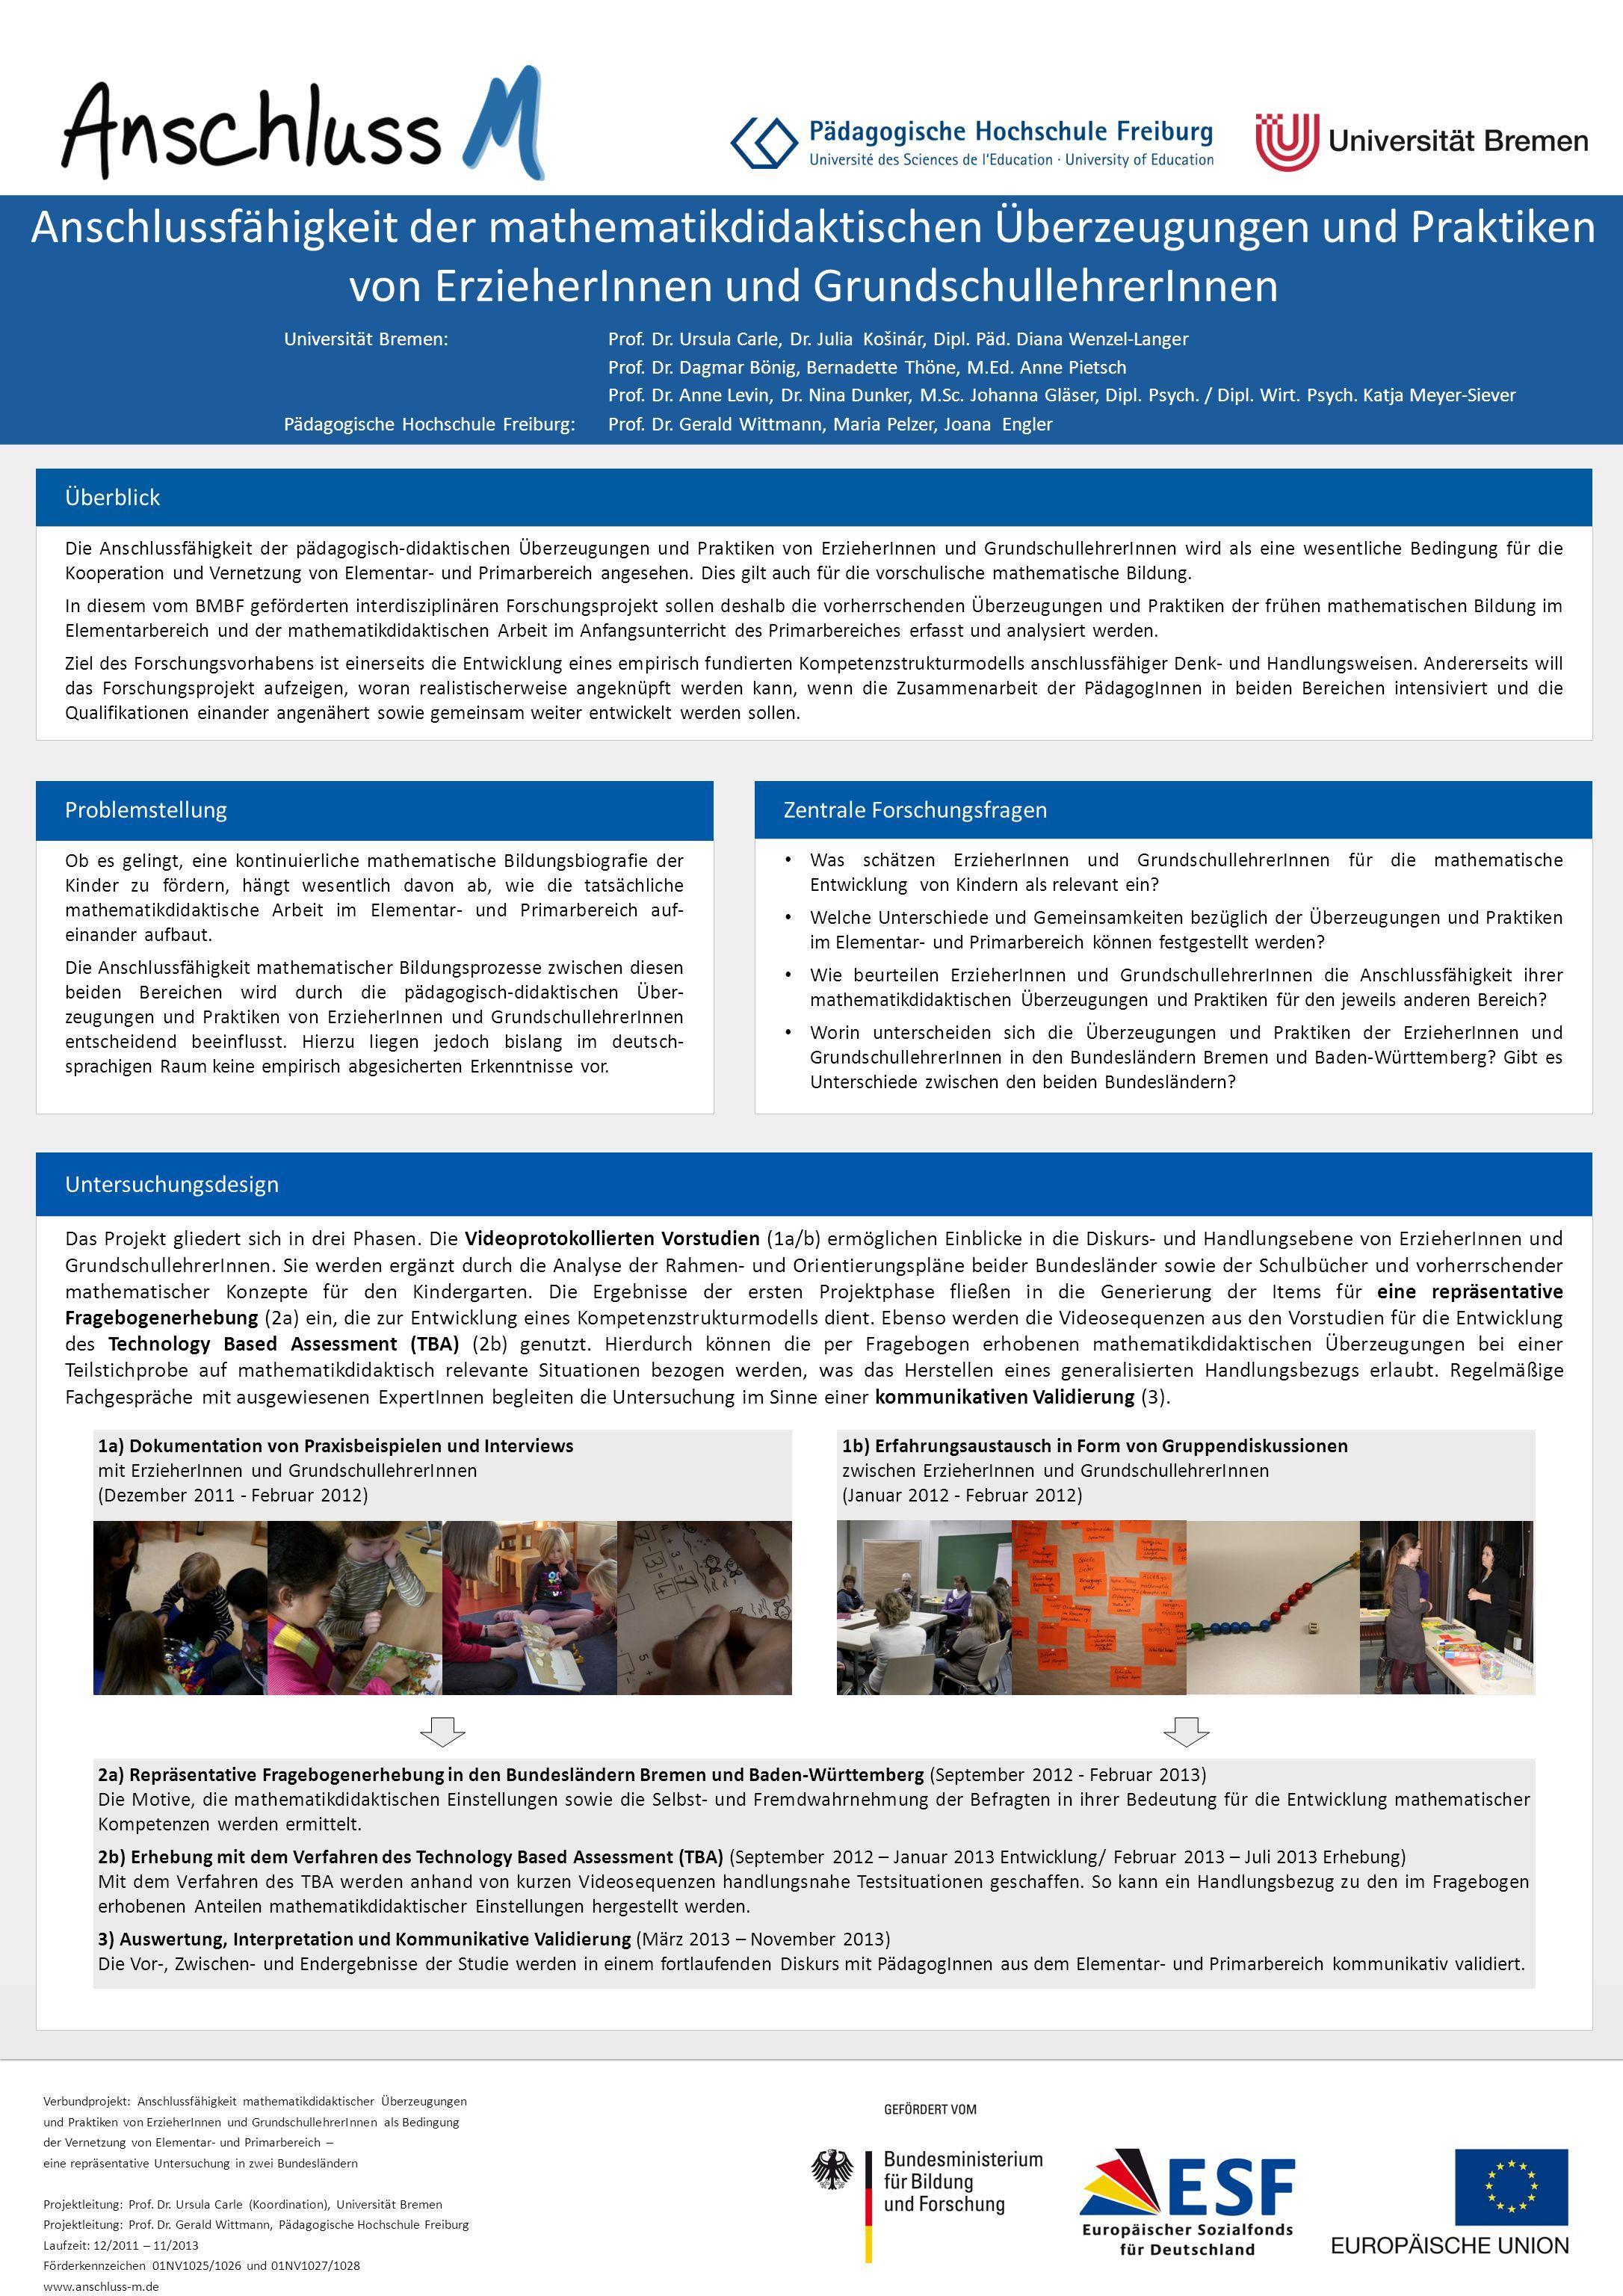 Anschlussfähigkeit der mathematikdidaktischen Überzeugungen und Praktiken von ErzieherInnen und GrundschullehrerInnen